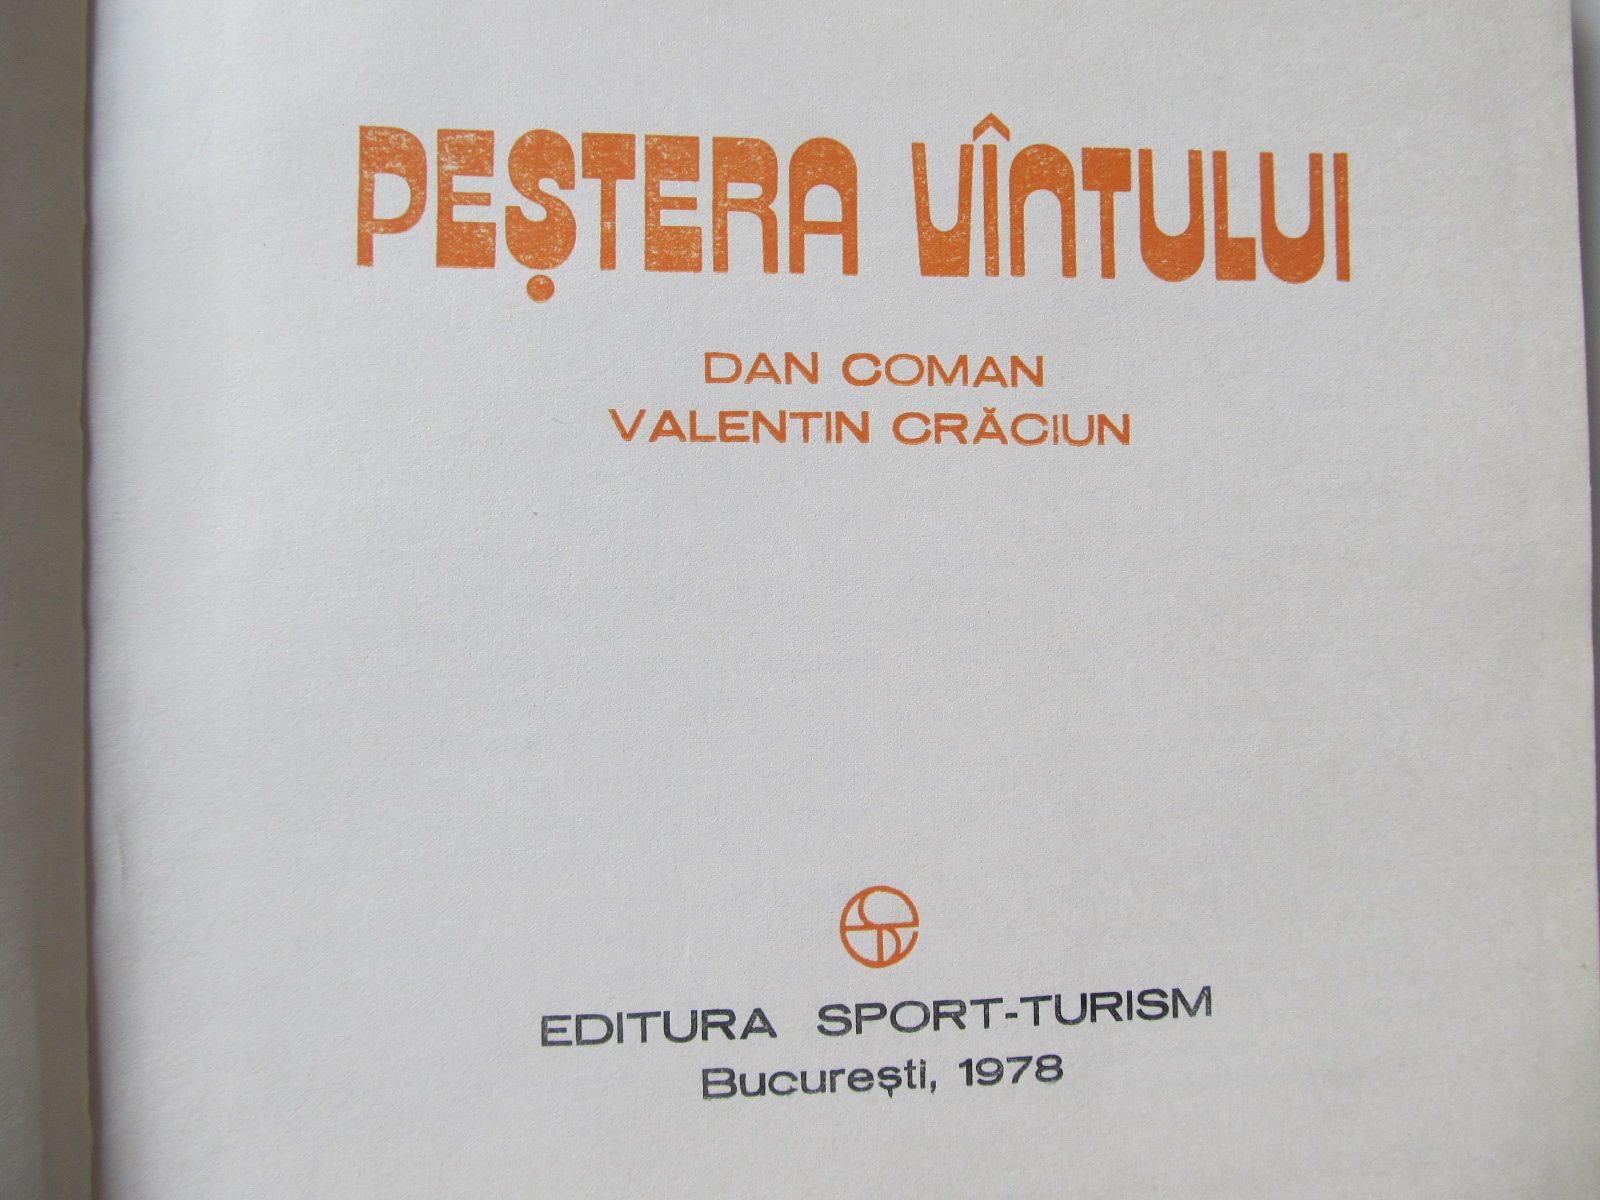 Carte Pestera Vantului (Album) - speologie - Dan Coman , Valentin Craciun